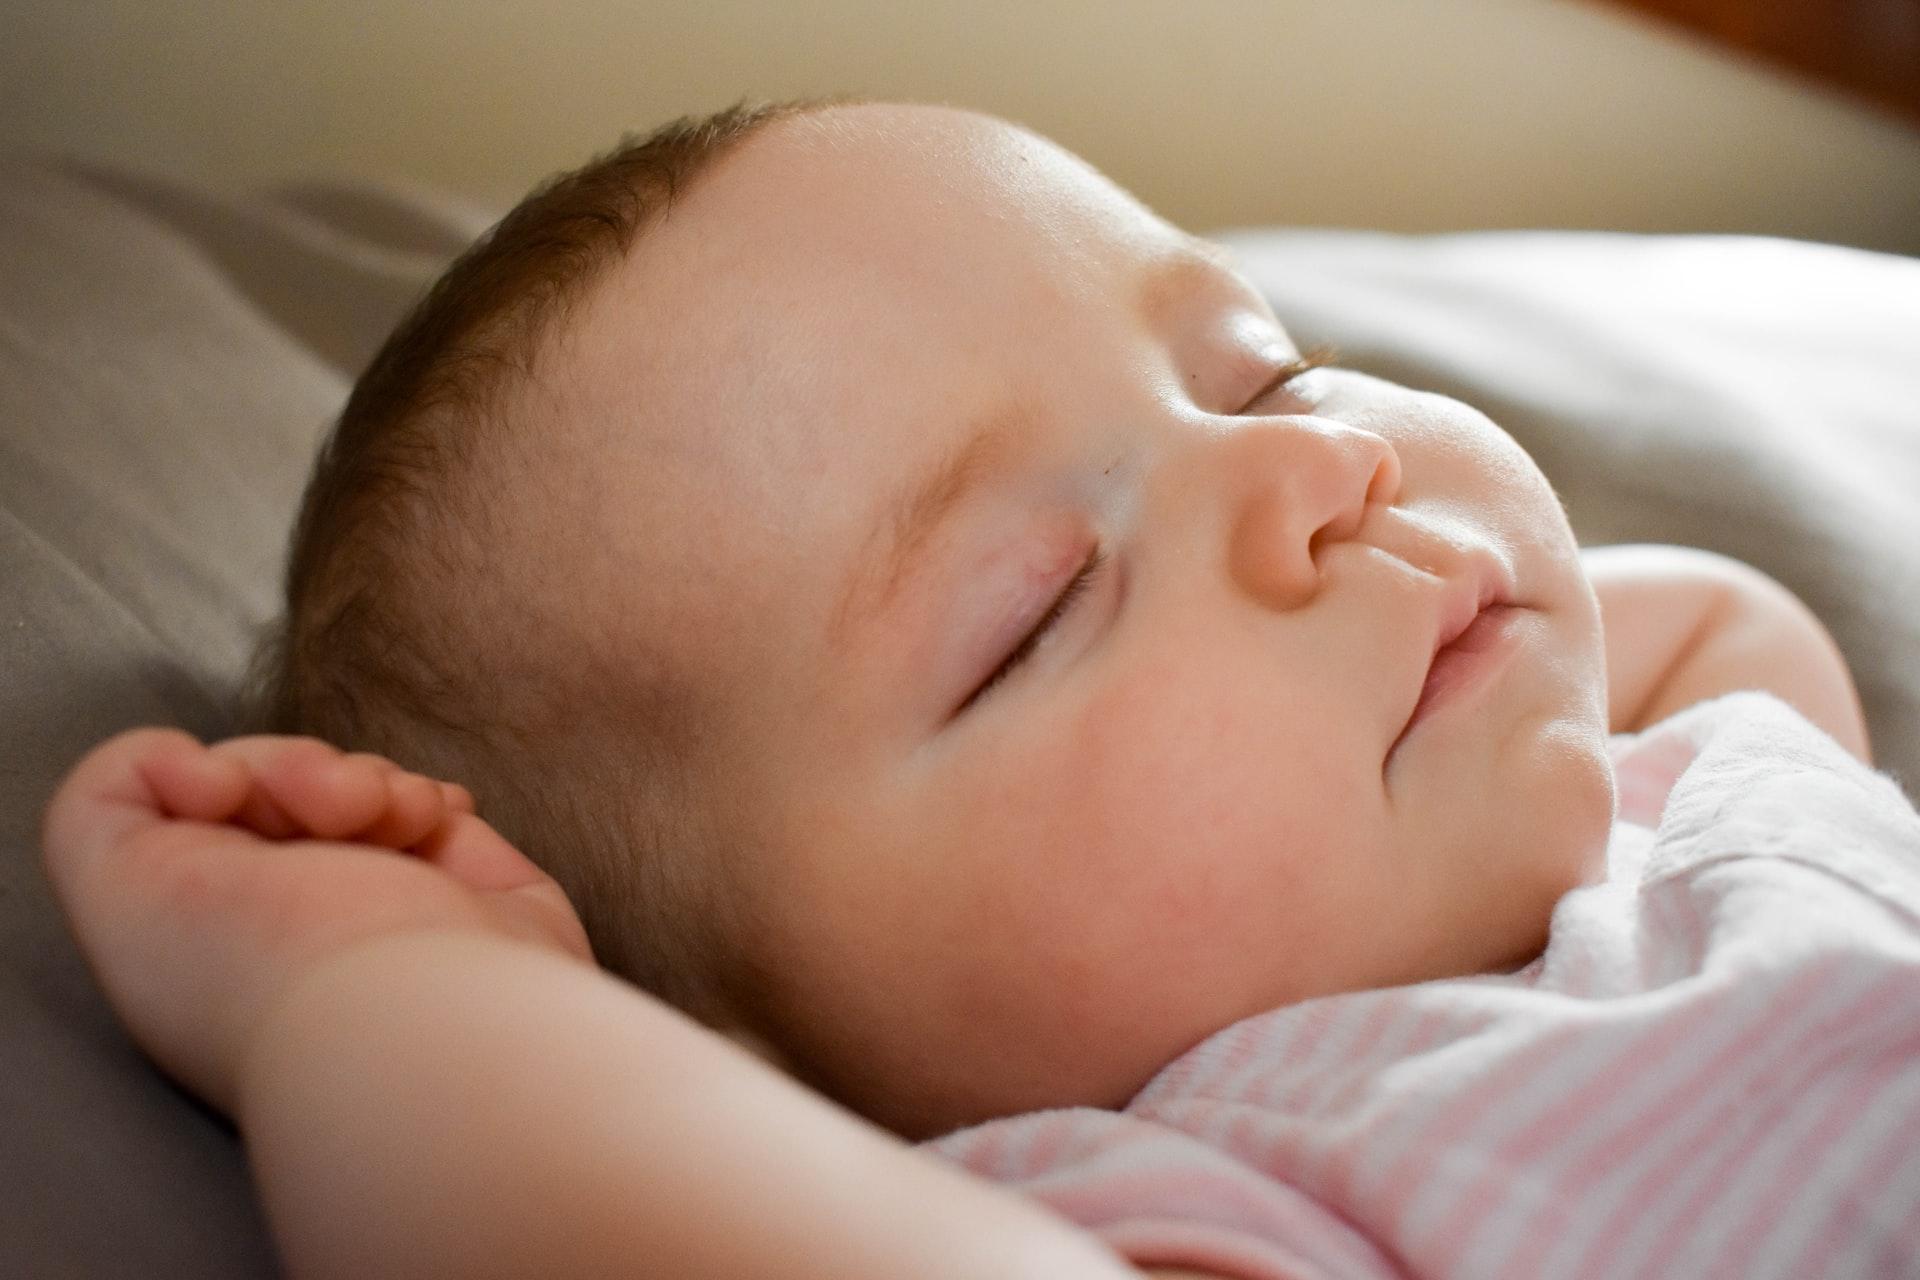 Porque filhotes dormem tanto?